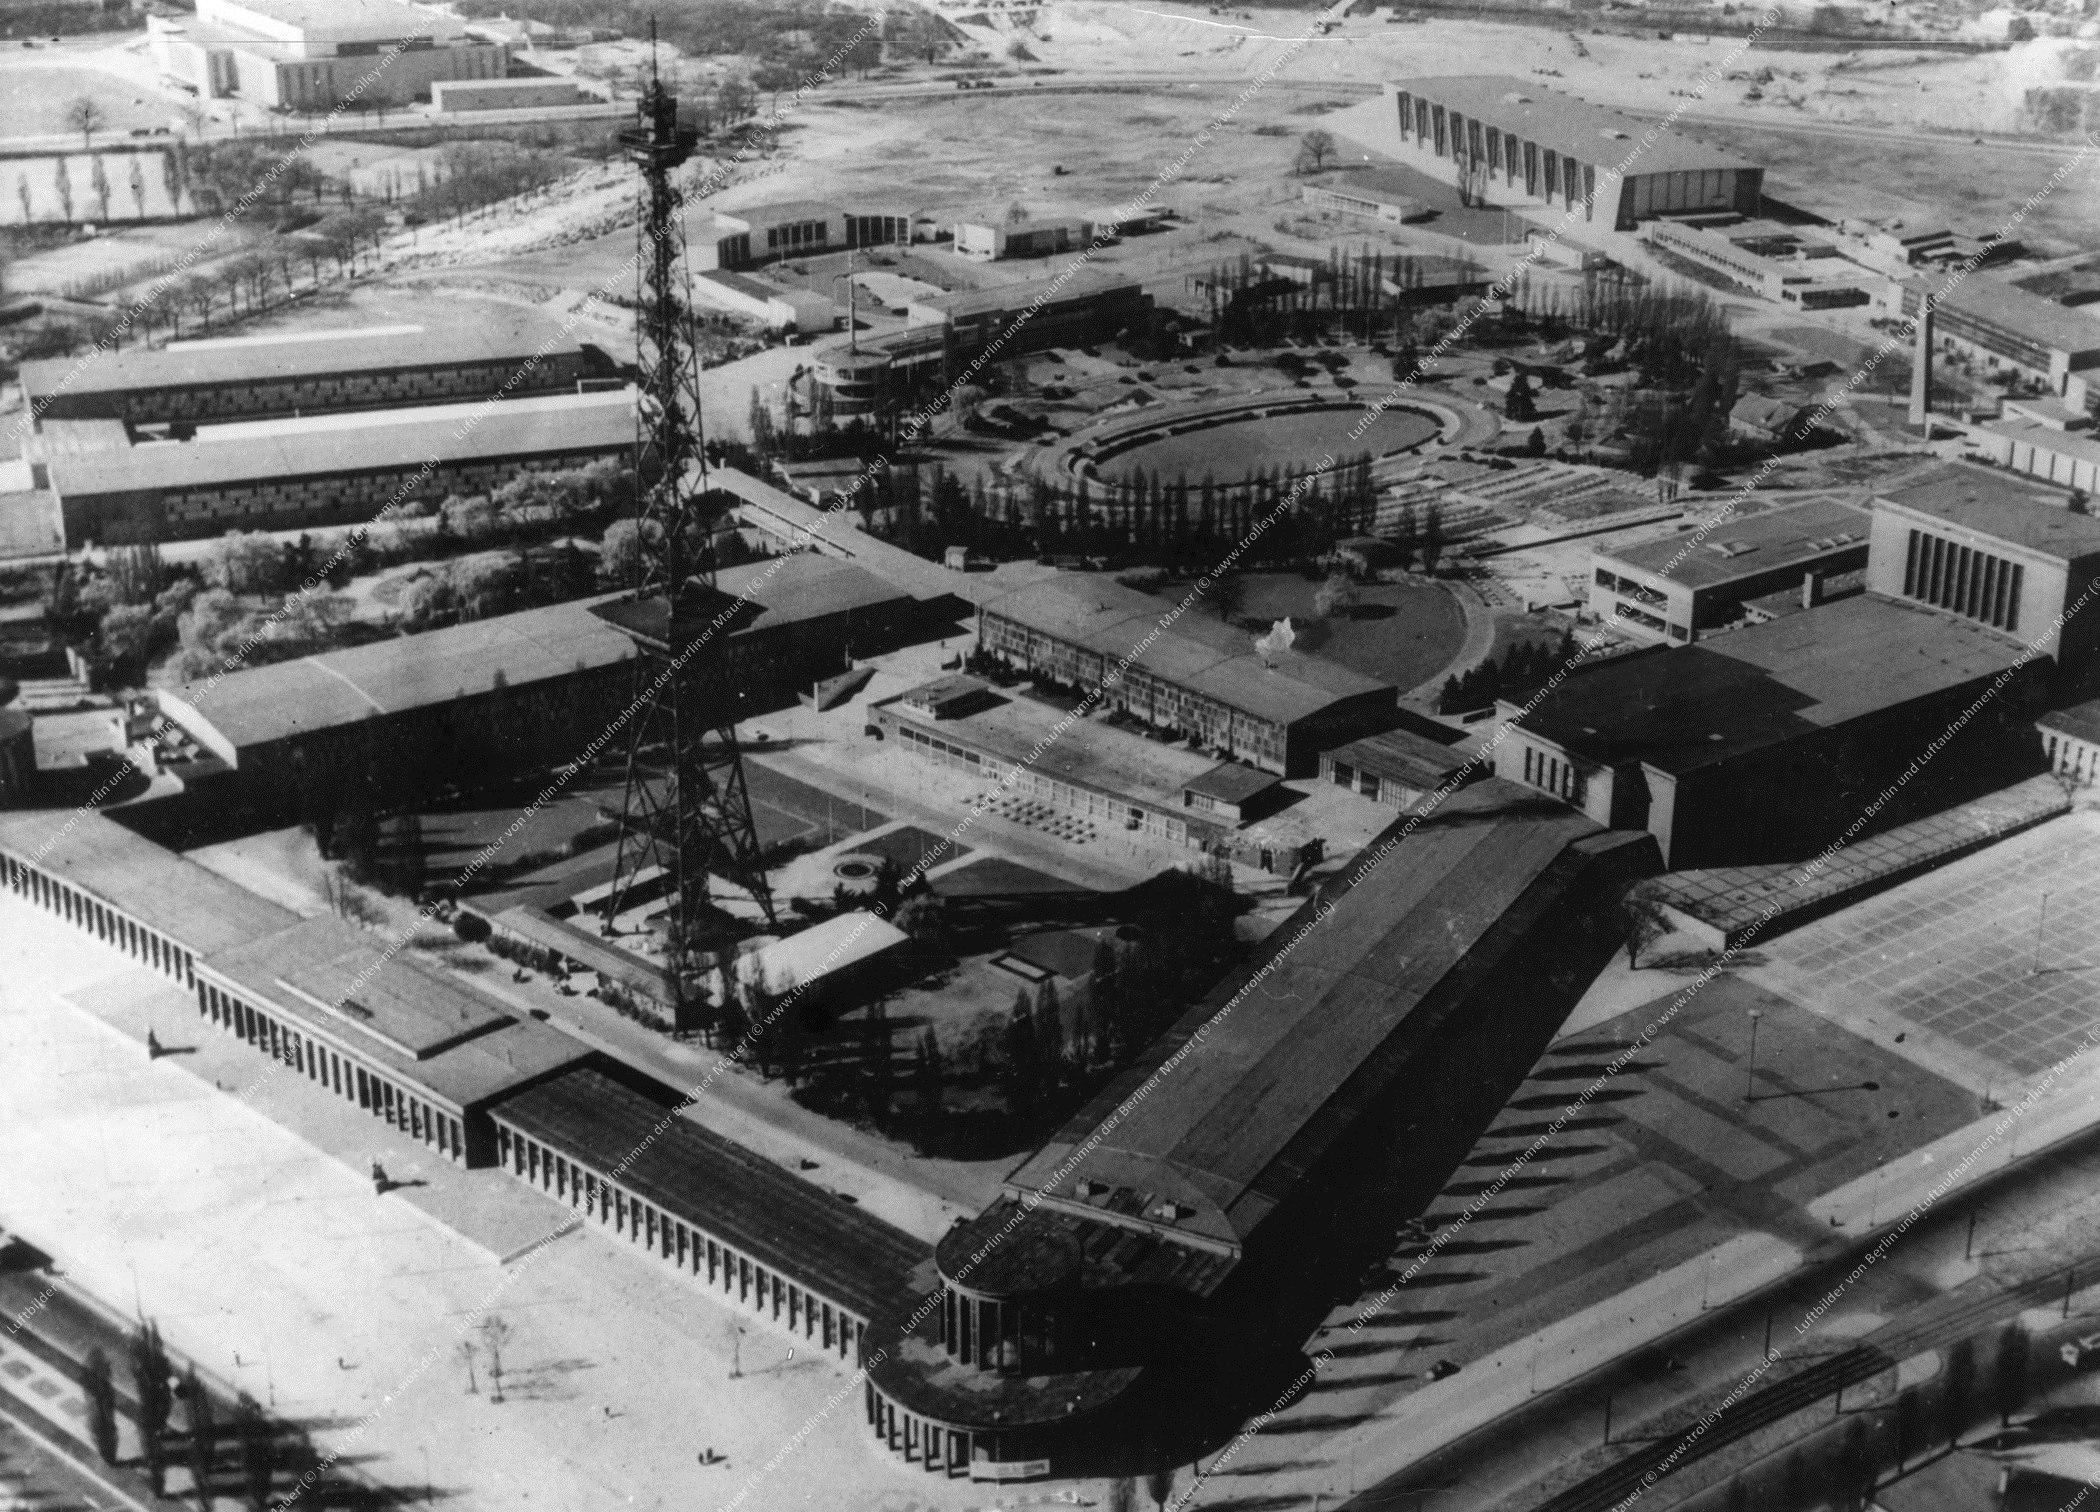 Berlin Luftbild Funkturm am Messegelände vom 25. Juli 1961 (Bild 041)